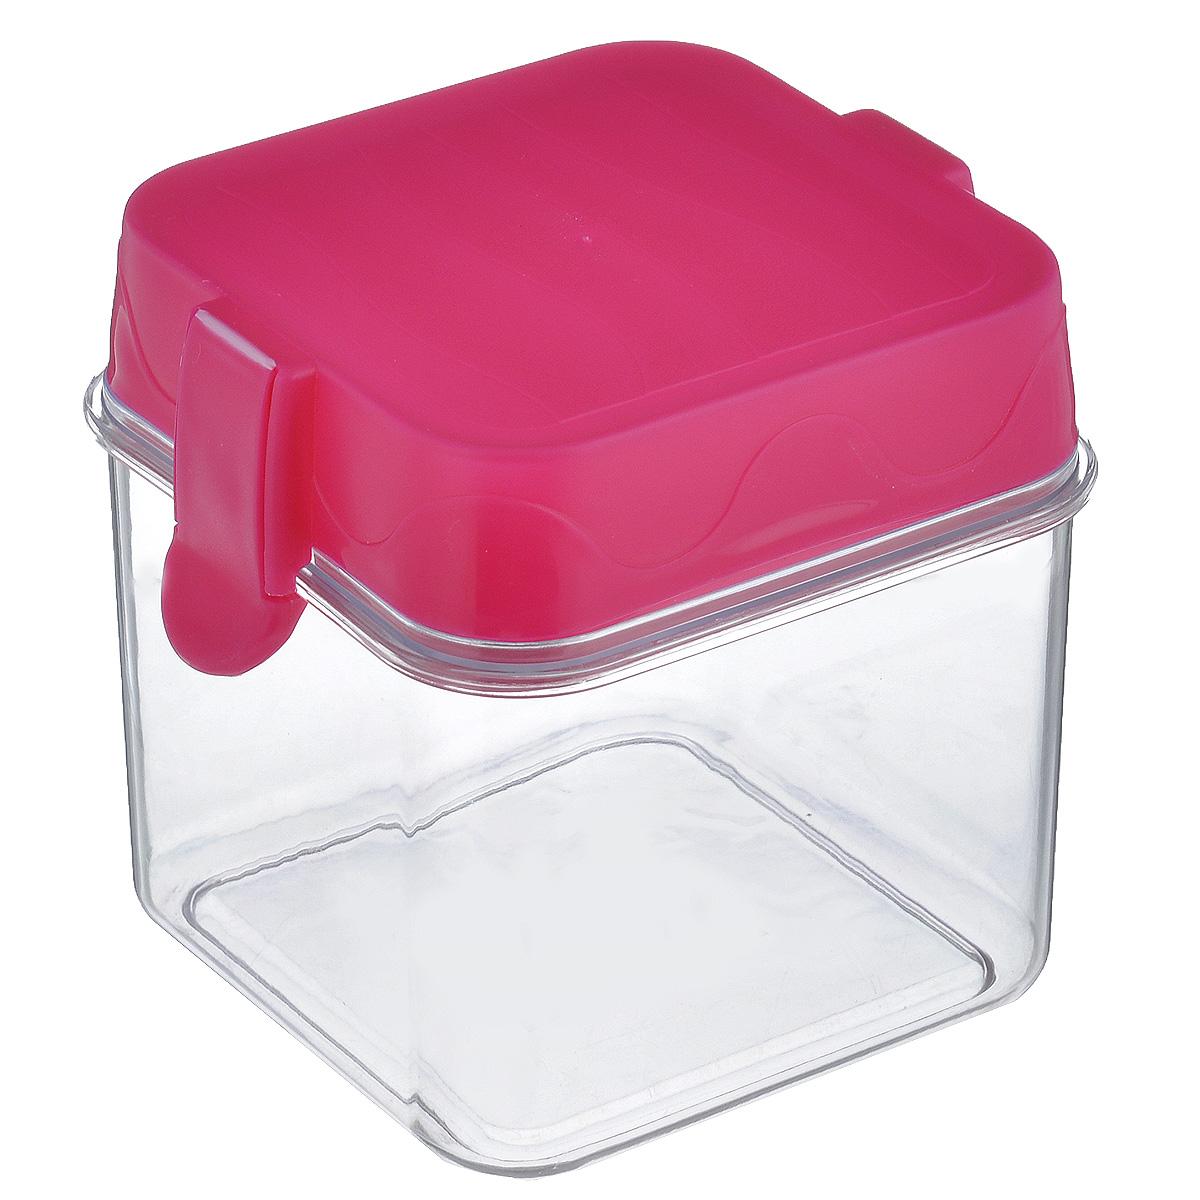 Банка для сыпучих продуктов Oriental Way, цвет: прозрачный, розовый, 650 мл7819_розовыйБанка для сыпучих продуктов Oriental way, изготовленная из высококачественного пластика, станет незаменимым помощником на любой кухне. В ней будет удобно хранить сыпучие продукты, такие как чай, кофе, соль, сахар, крупы, макароны и прочее. Емкость плотно закрывается пластиковой крышкой с помощью двух защелок (клипс). Яркий дизайн банки позволит украсить любую кухню, внеся разнообразие, как в строгий классический стиль, так и в современный кухонный интерьер.